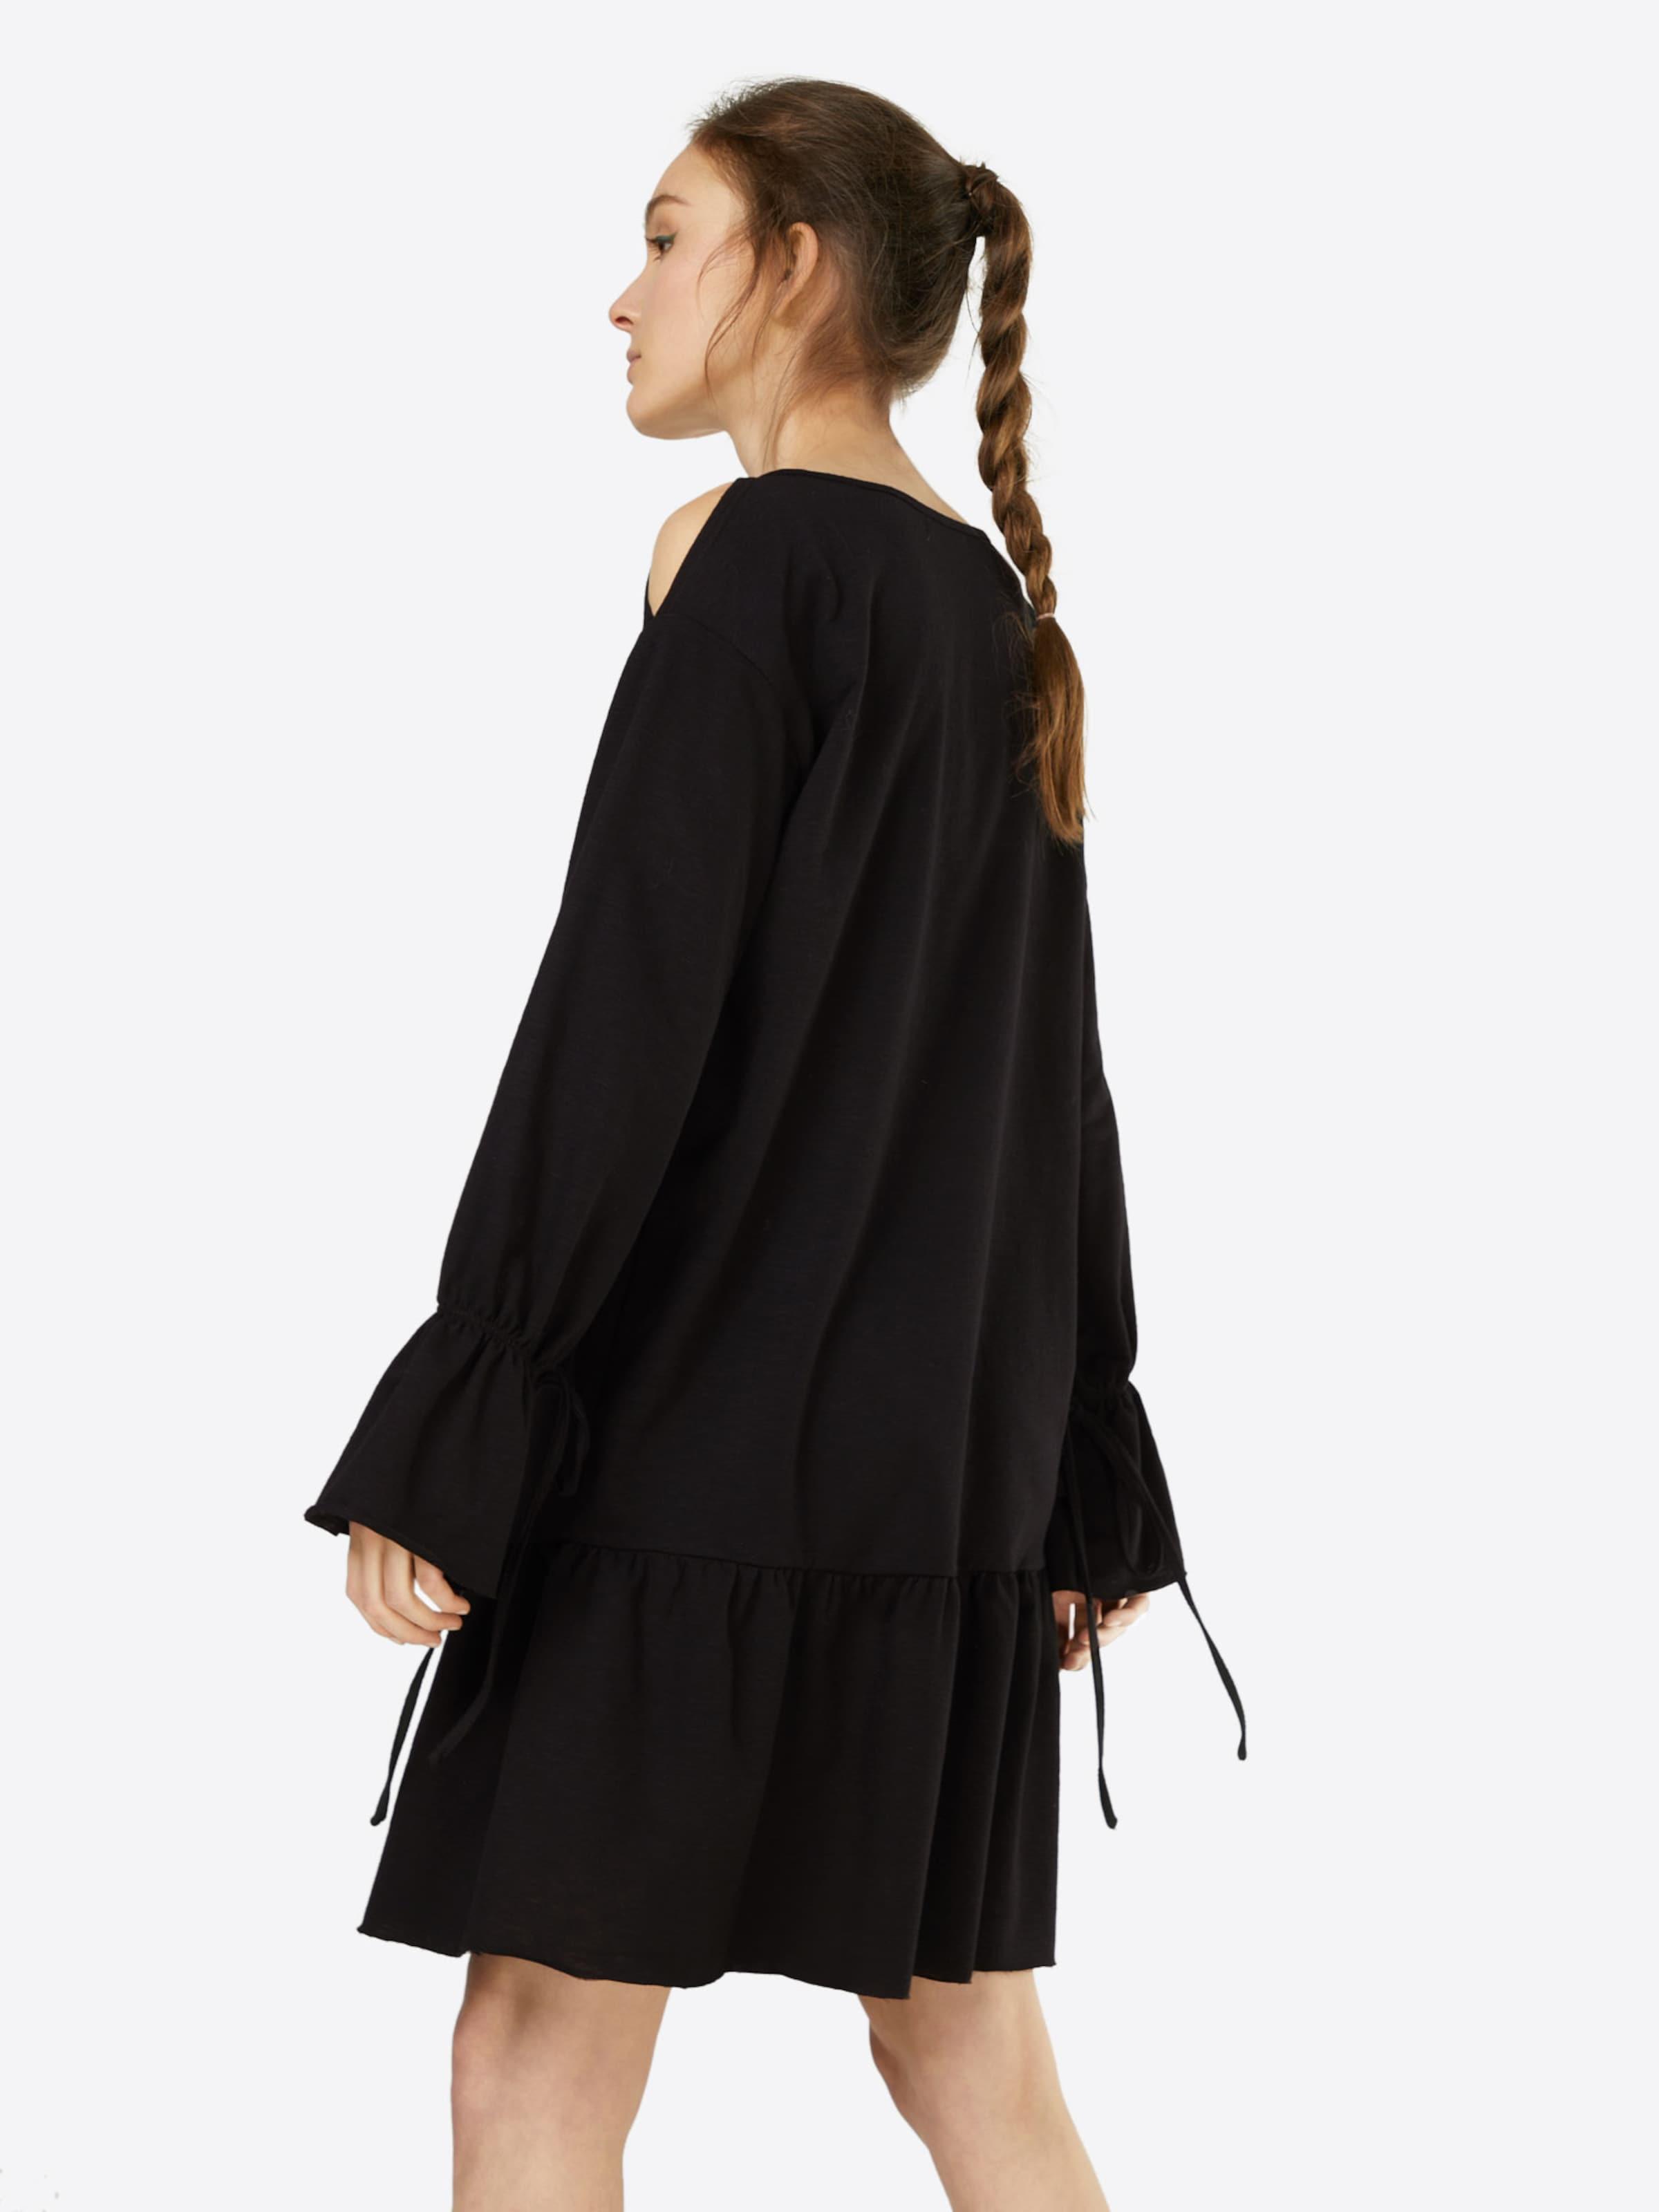 En Robe En Robe Glamorous Noir Glamorous qcA34RjL5S